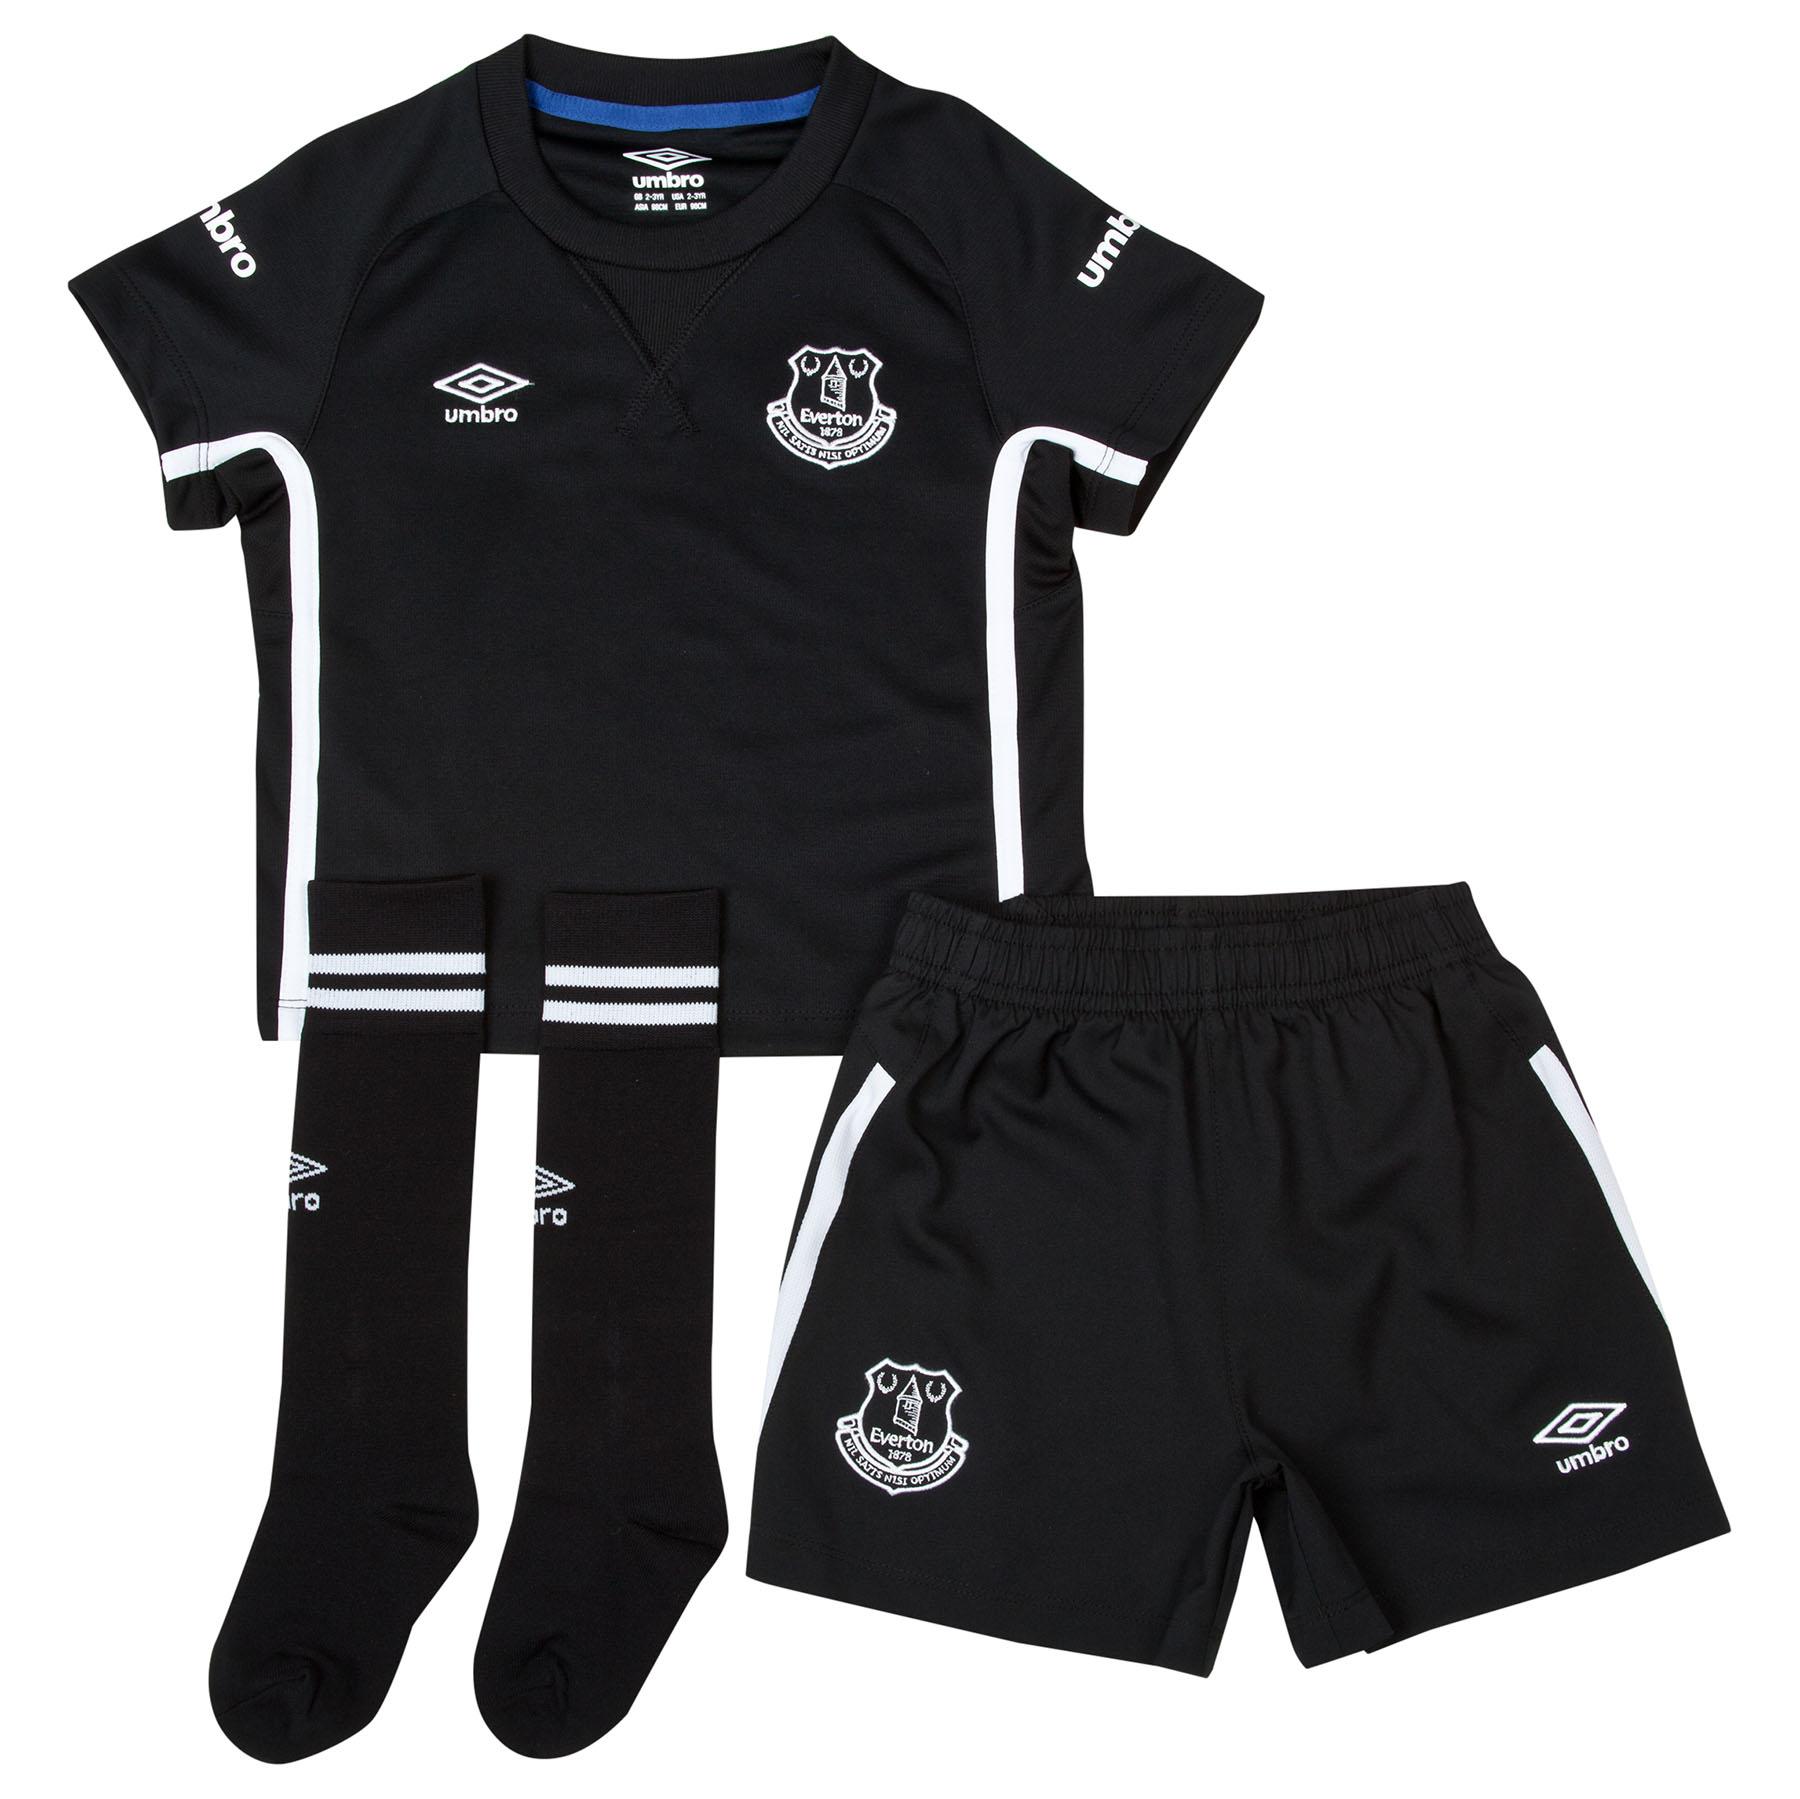 Everton Away Infant Kit 2014/15